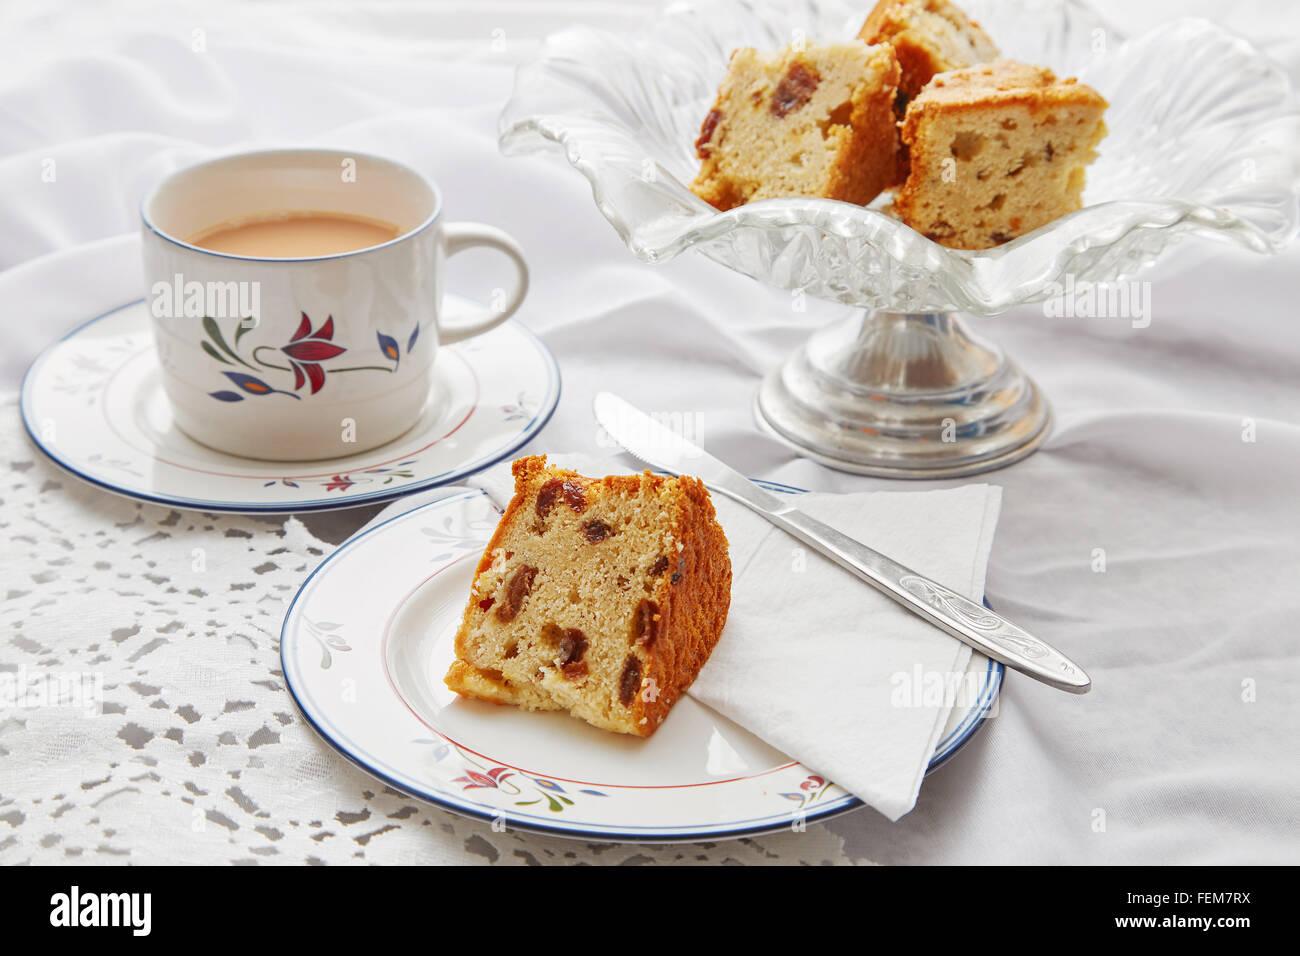 Tradizionale di tè e una fetta di torta nel Regno Unito. Immagini Stock